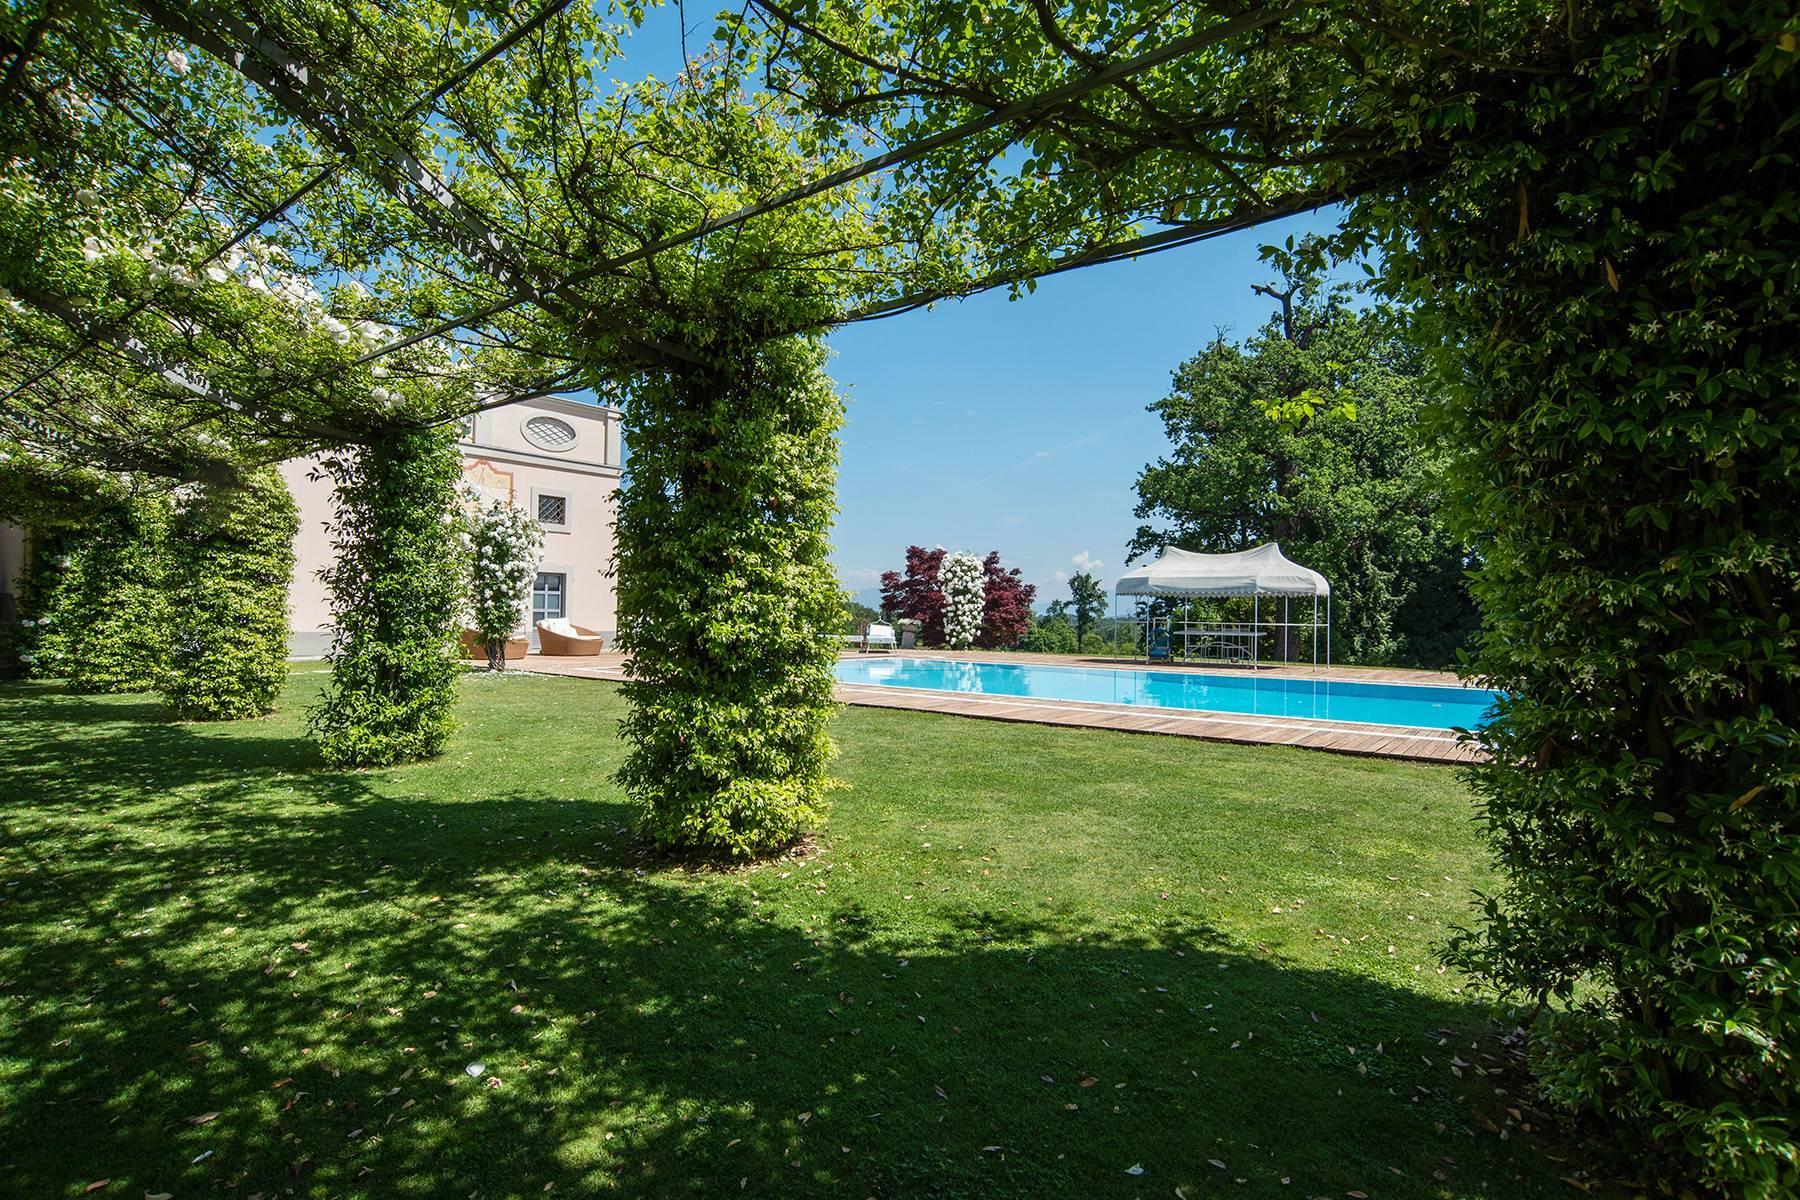 Antike Burg am Lago Maggiore - 5